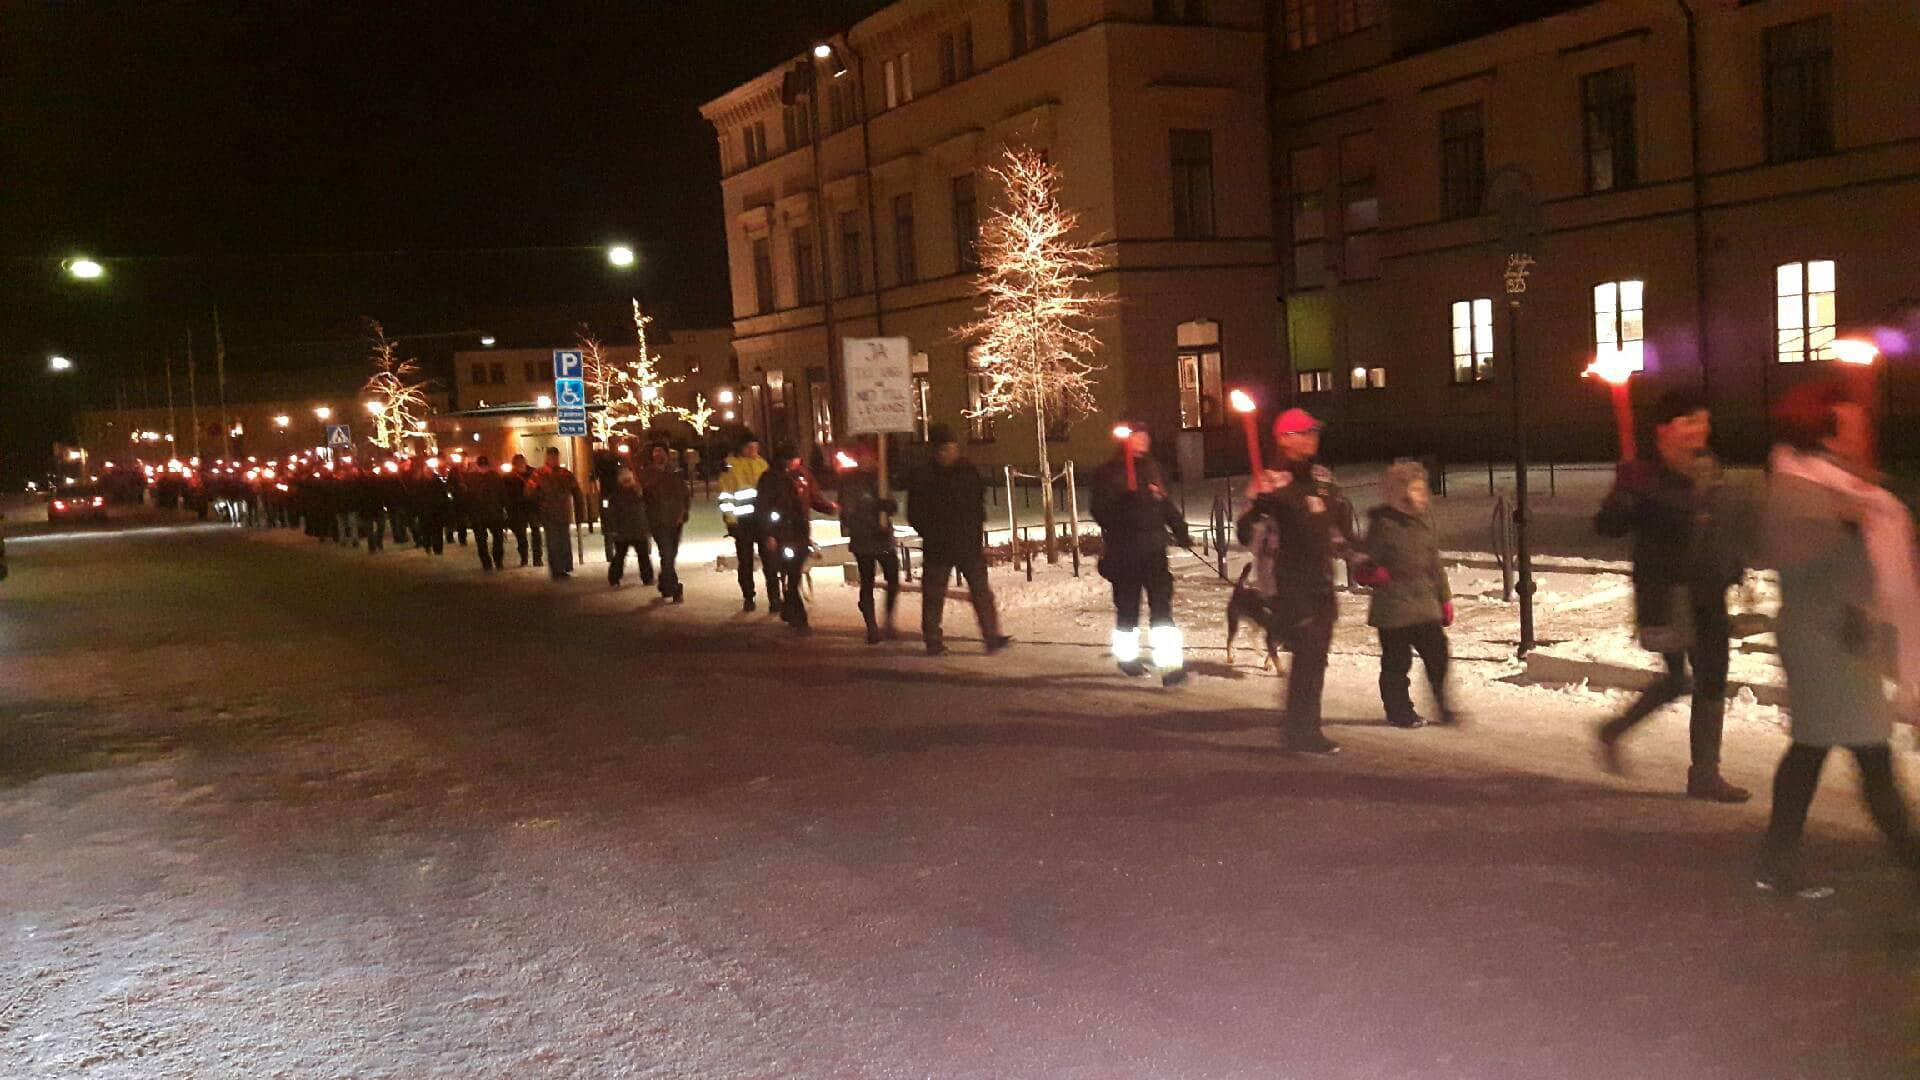 Fackeltåg i Nora – en manifestation mot rovdjurspolitiken. Foto: Leif Andersson